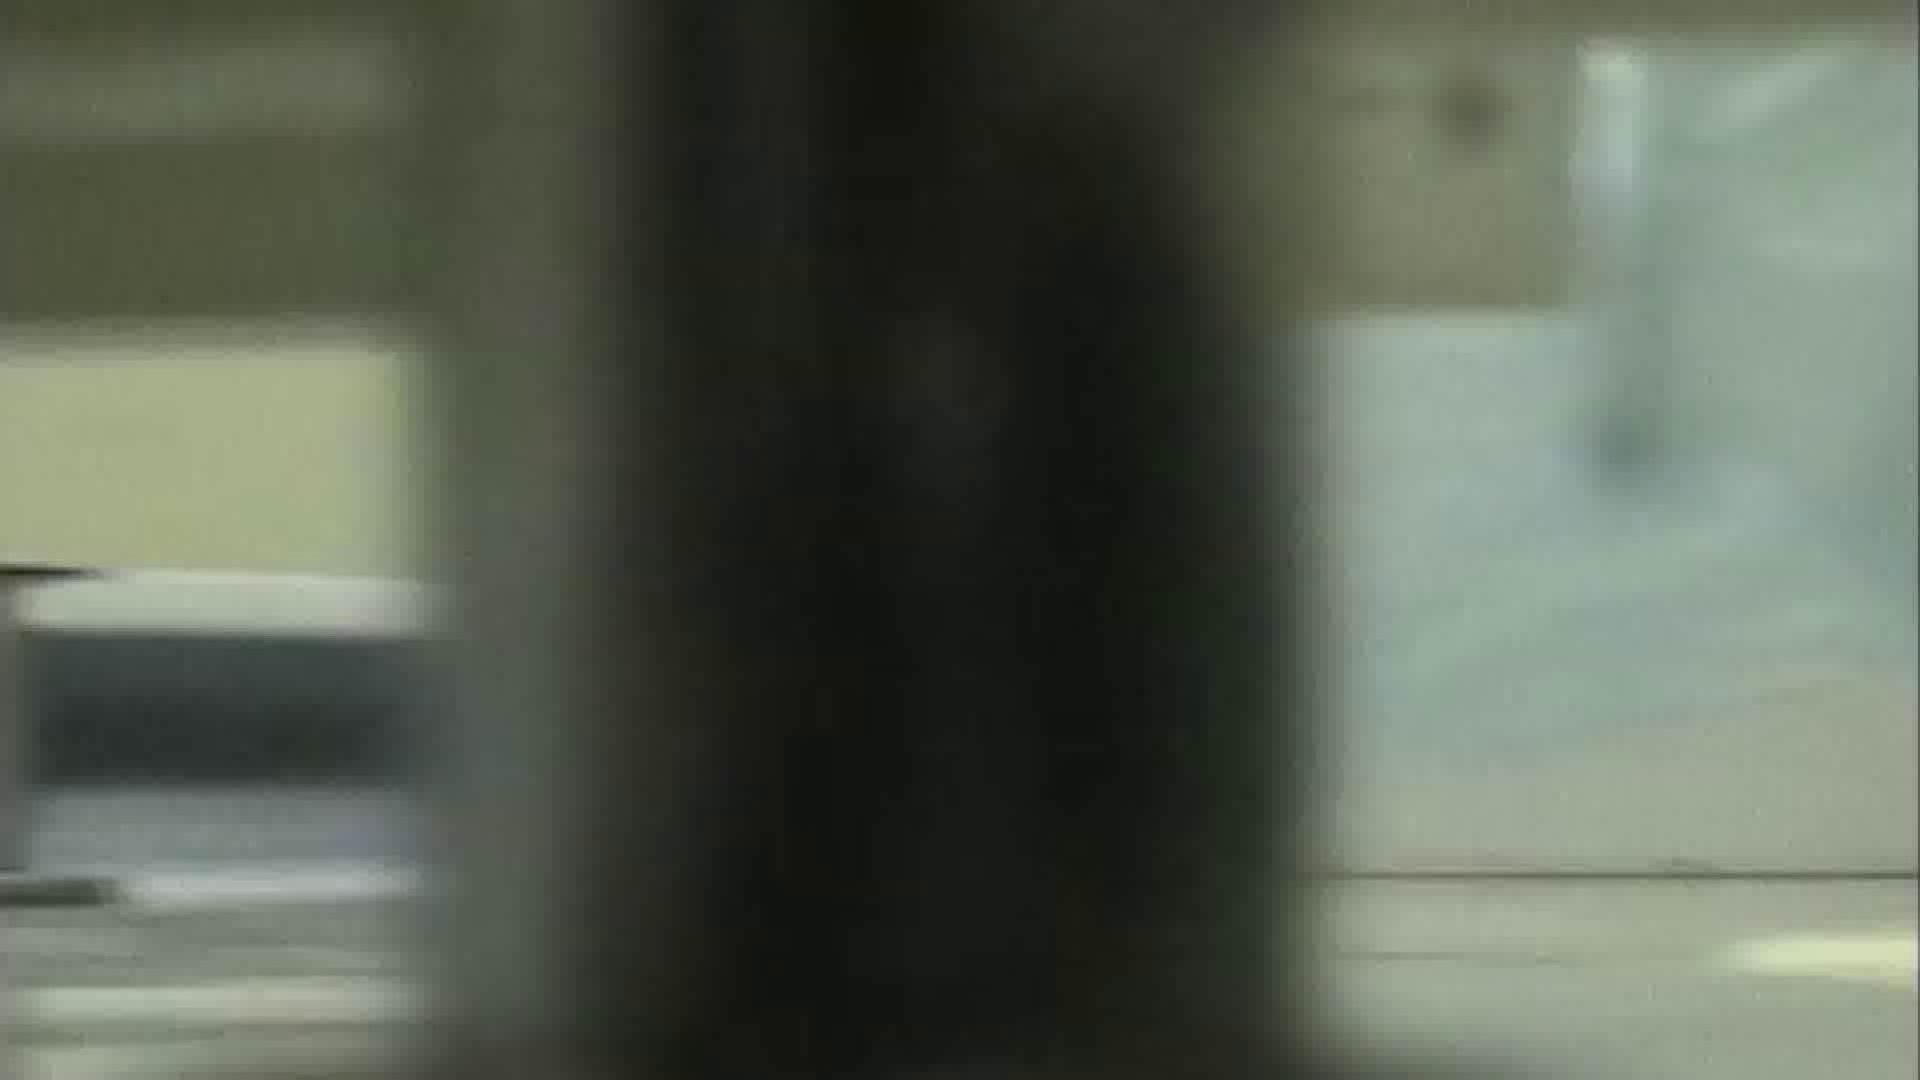 キレカワ女子大生の秘密の洗面所!Vol.010 放尿 ワレメ動画紹介 106PIX 103